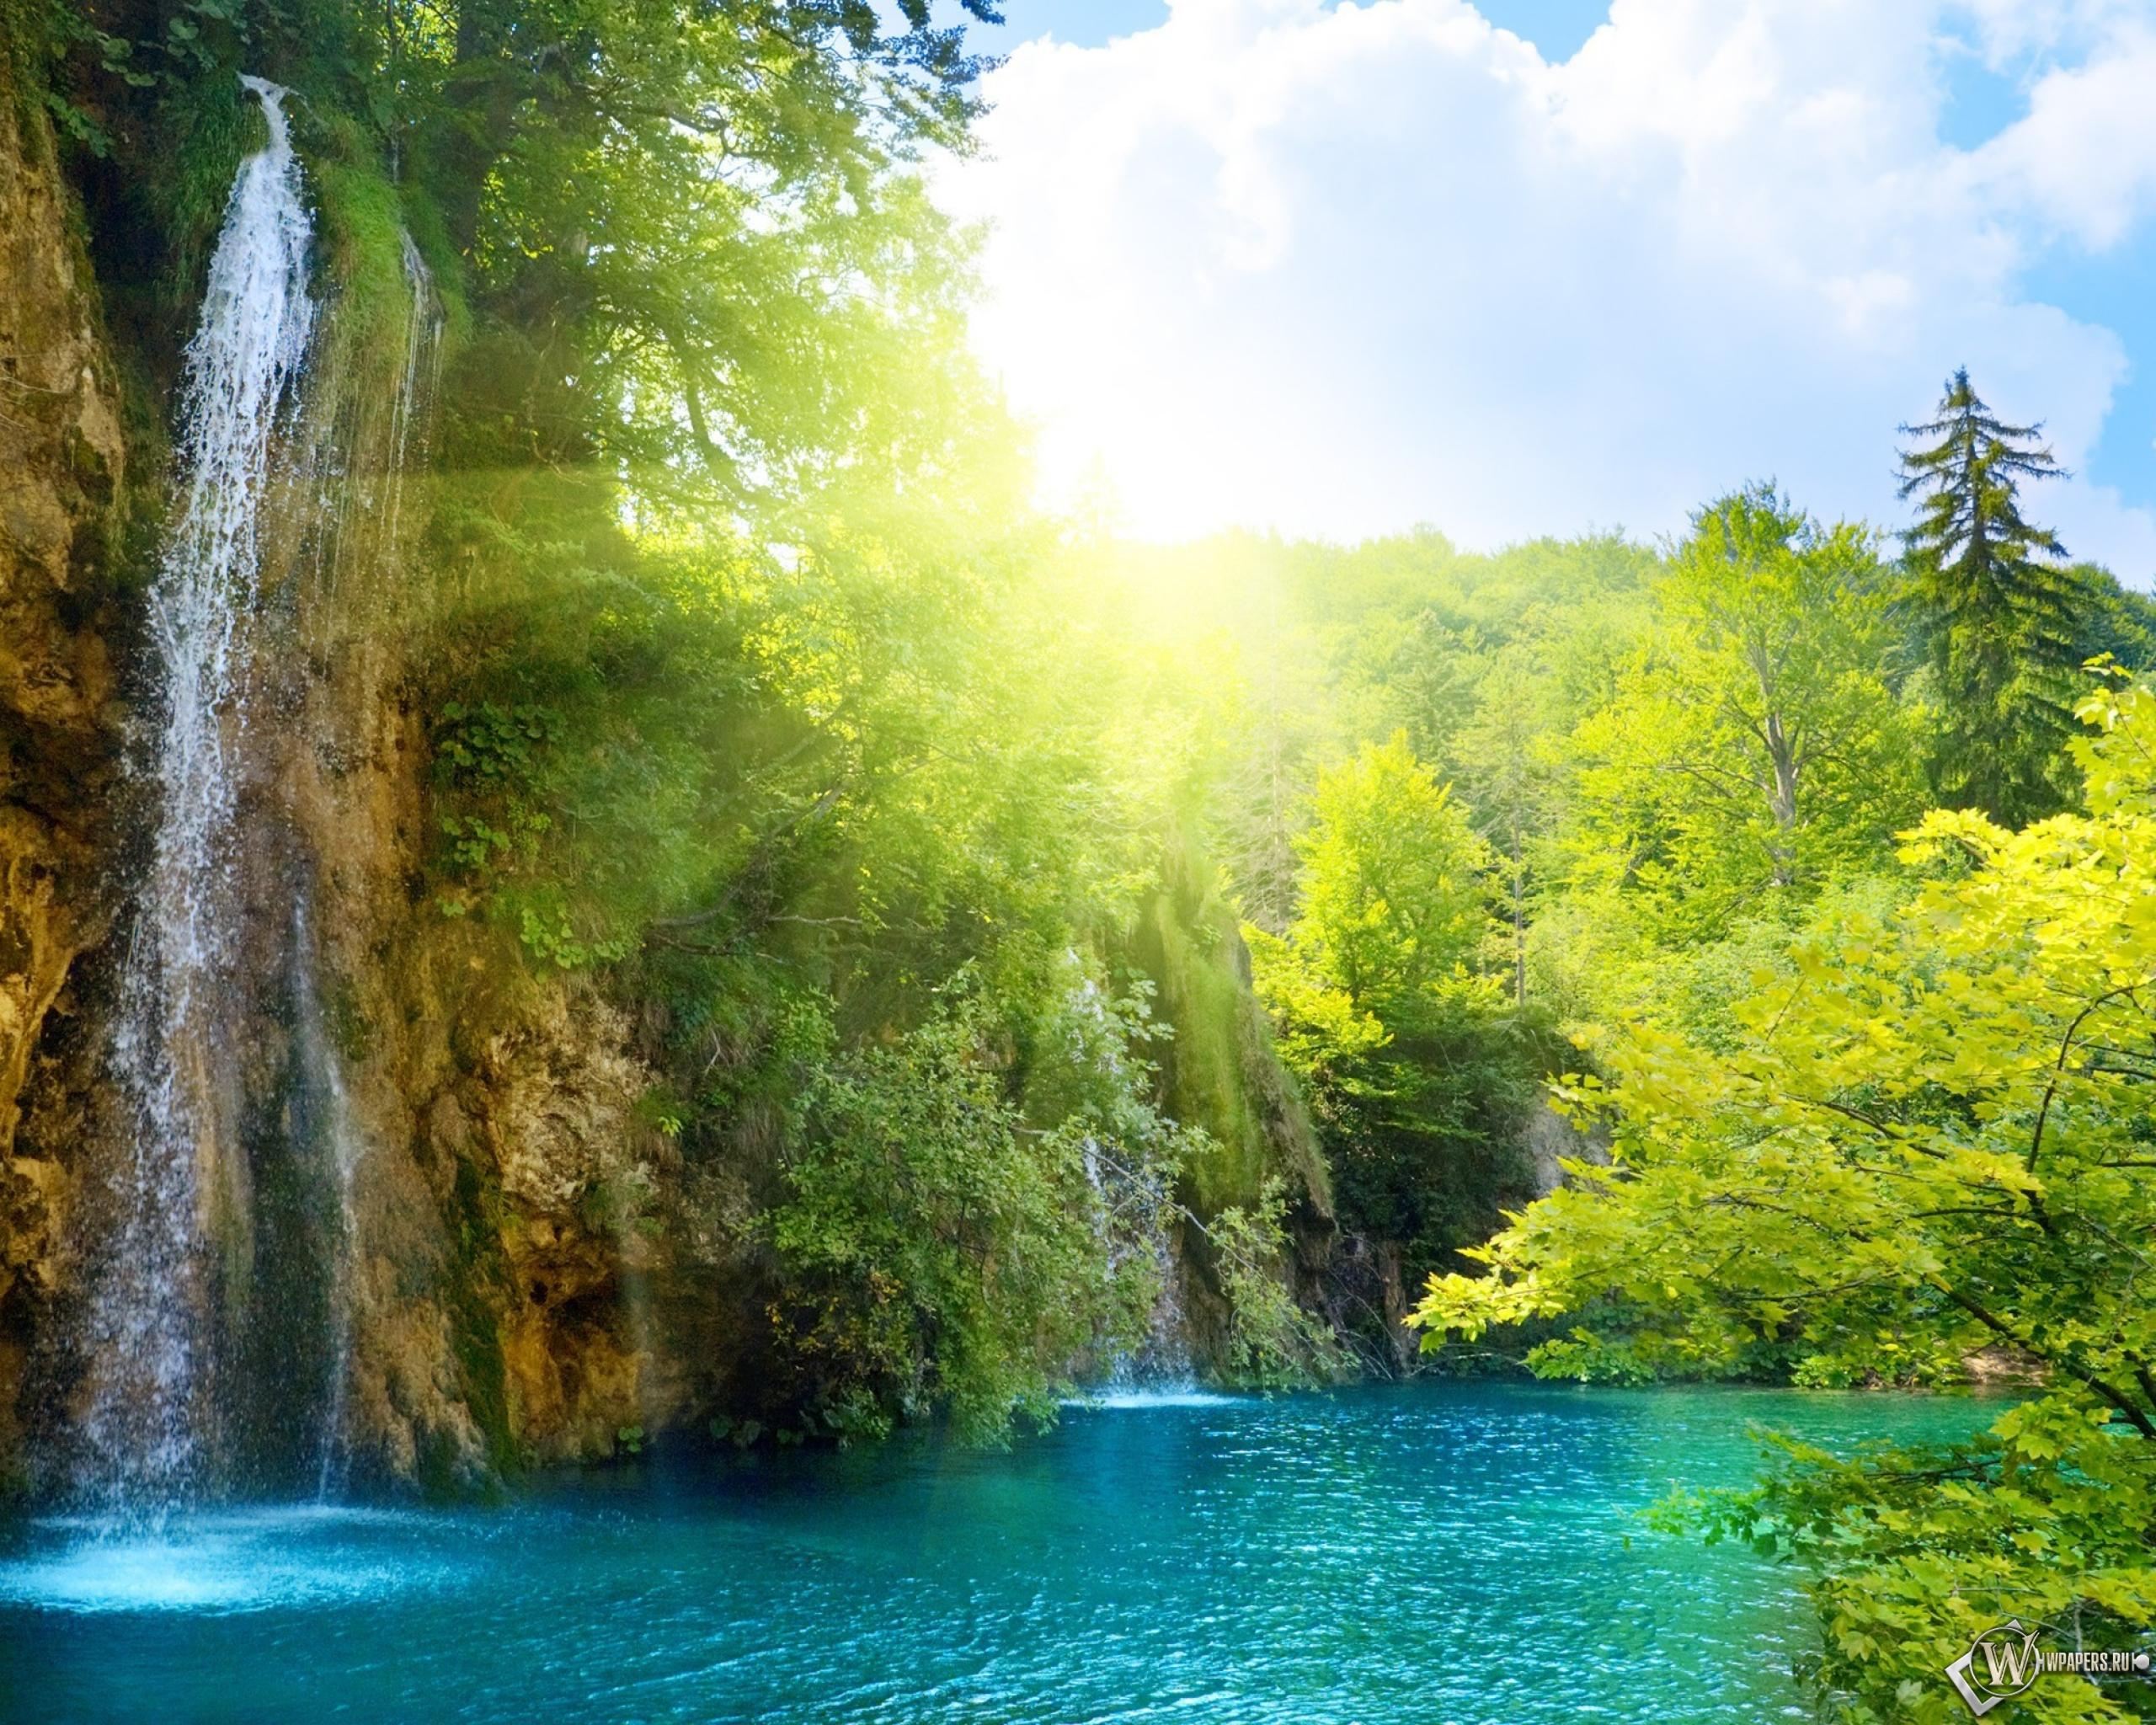 Солнечный водопад солнце водопад